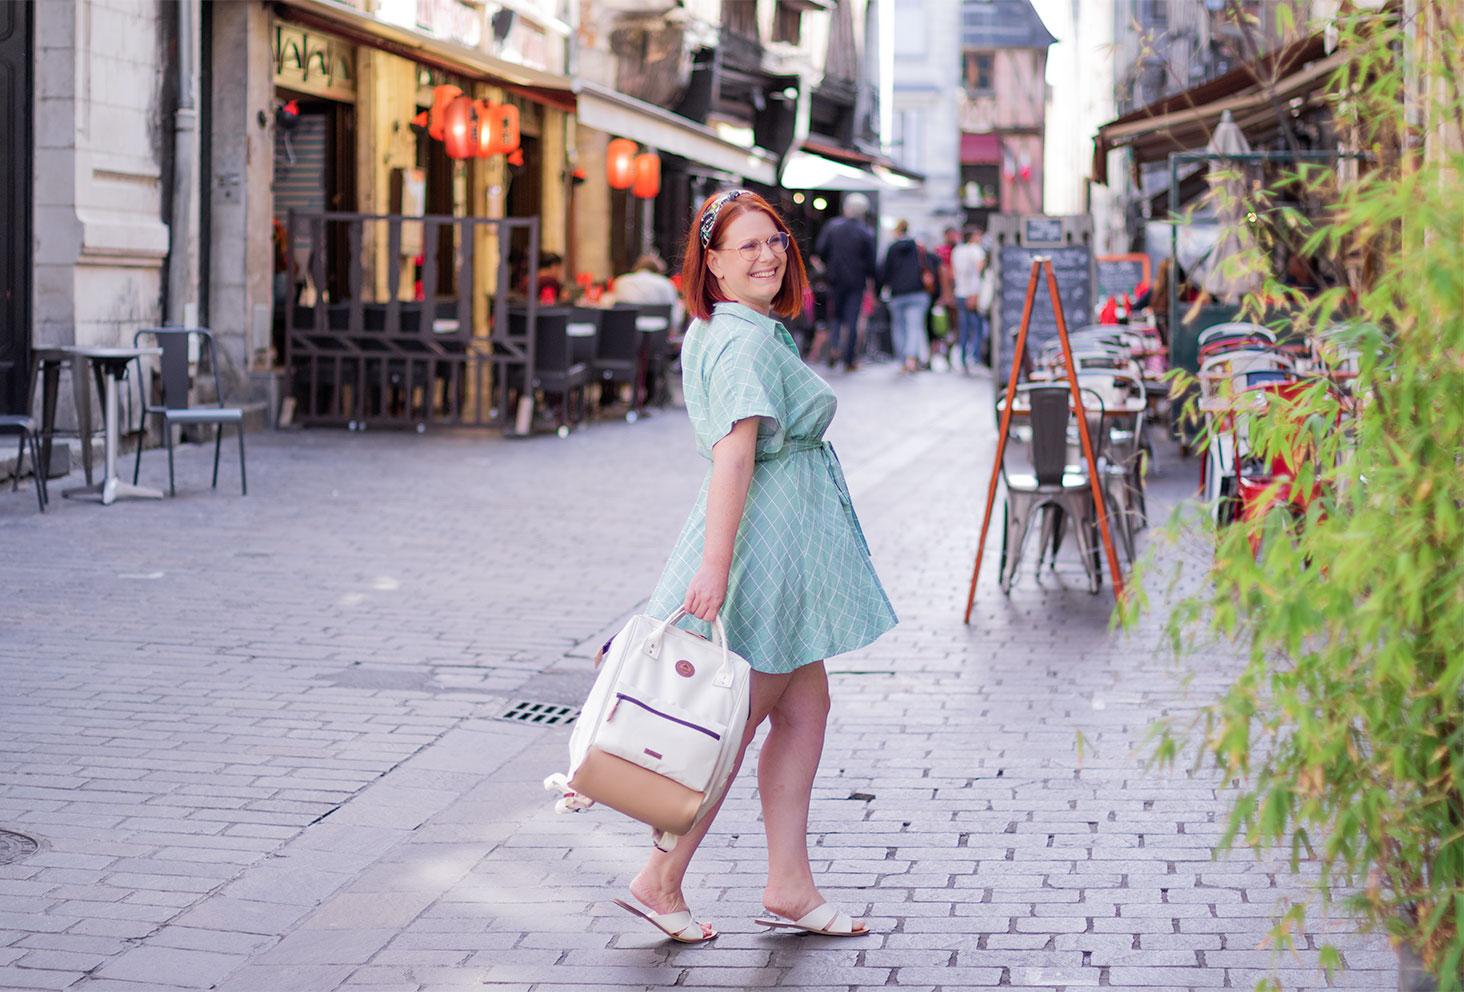 Un look pour la rentrée, au milieu d'une rue avec le sourire, en robe verte à carreaux et sac à dos Cabaïa tenu à la main